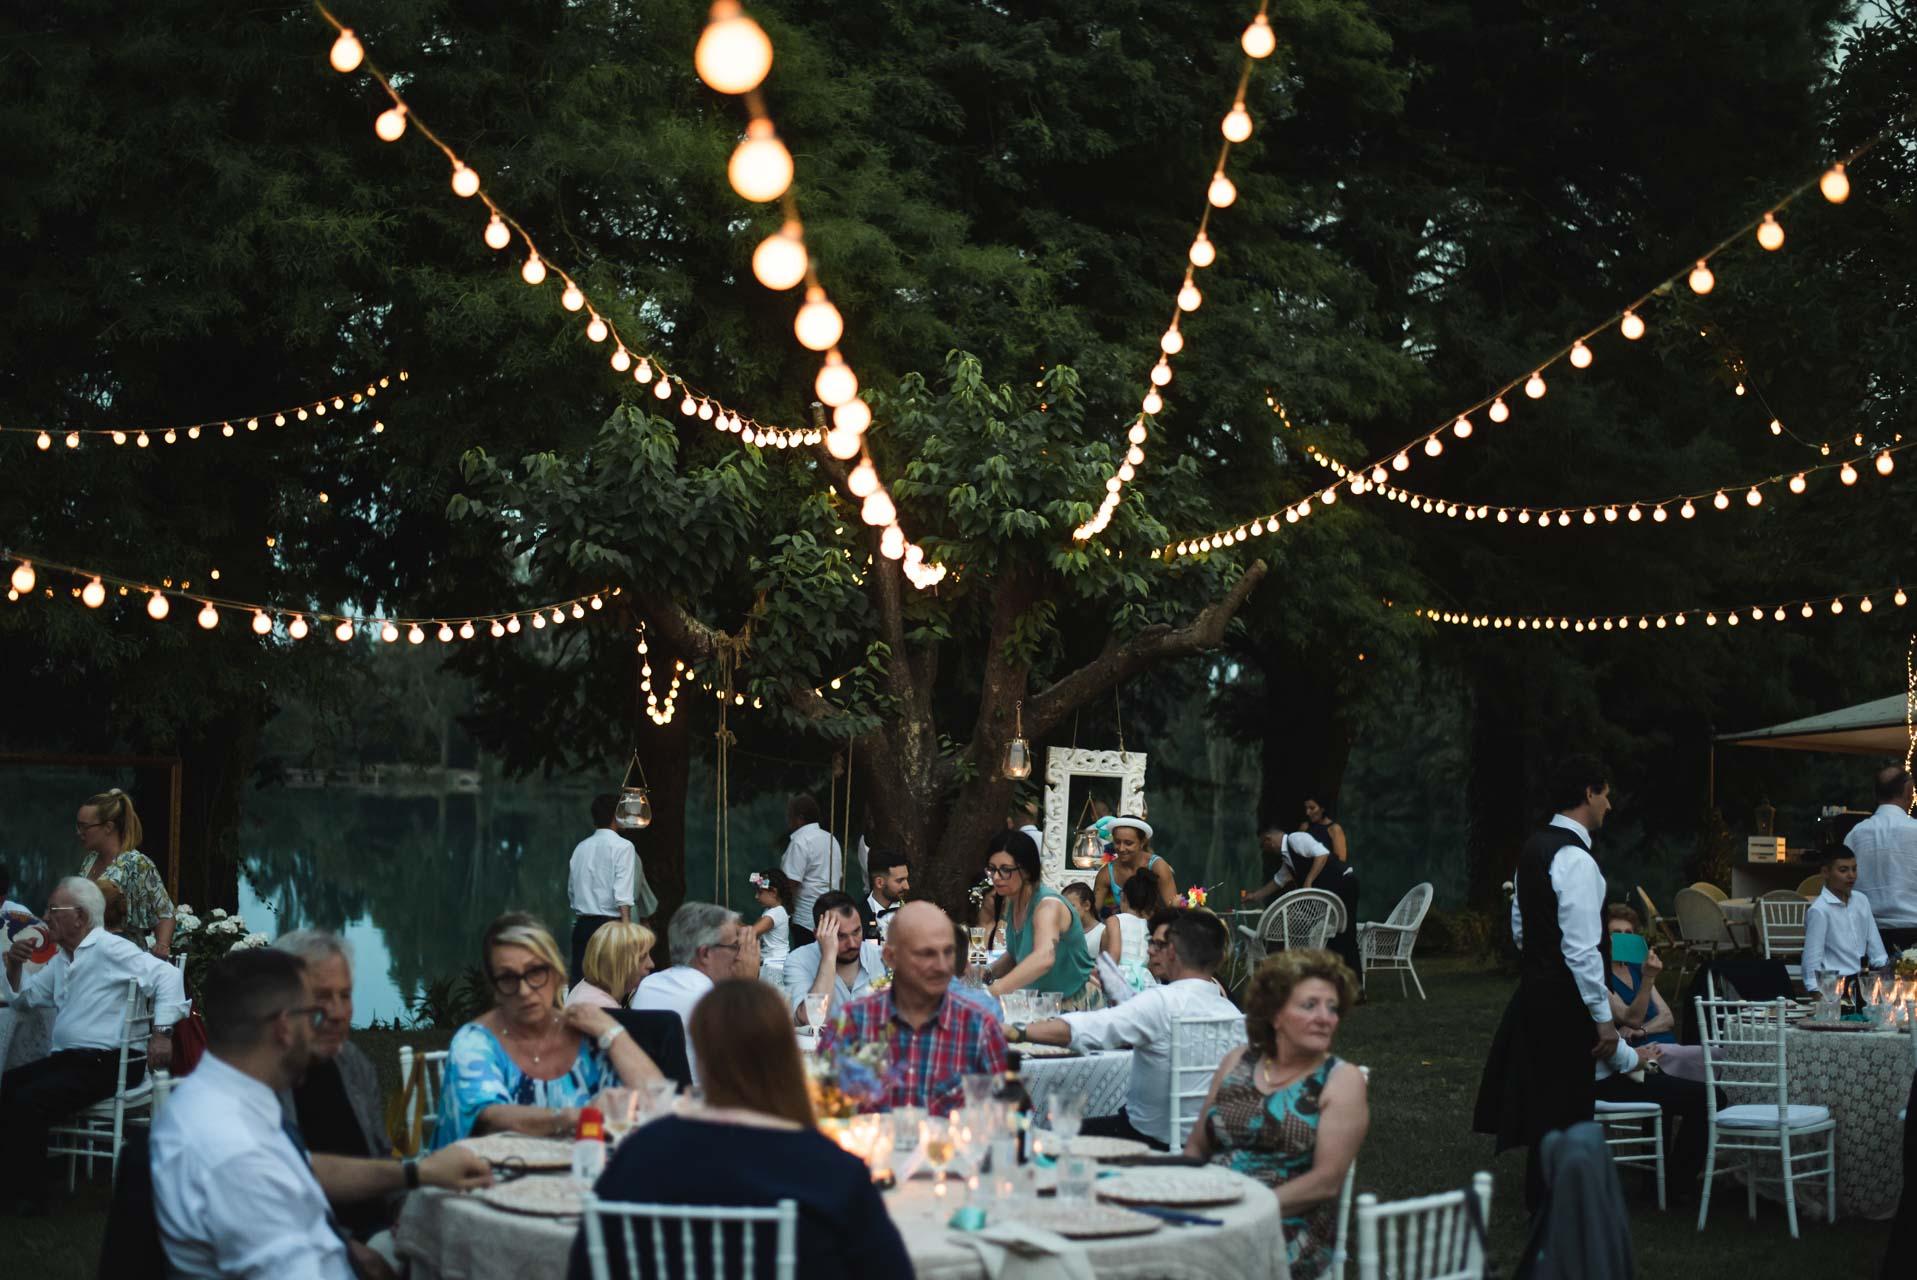 matrimonio ricevimento invitati tavoli luci